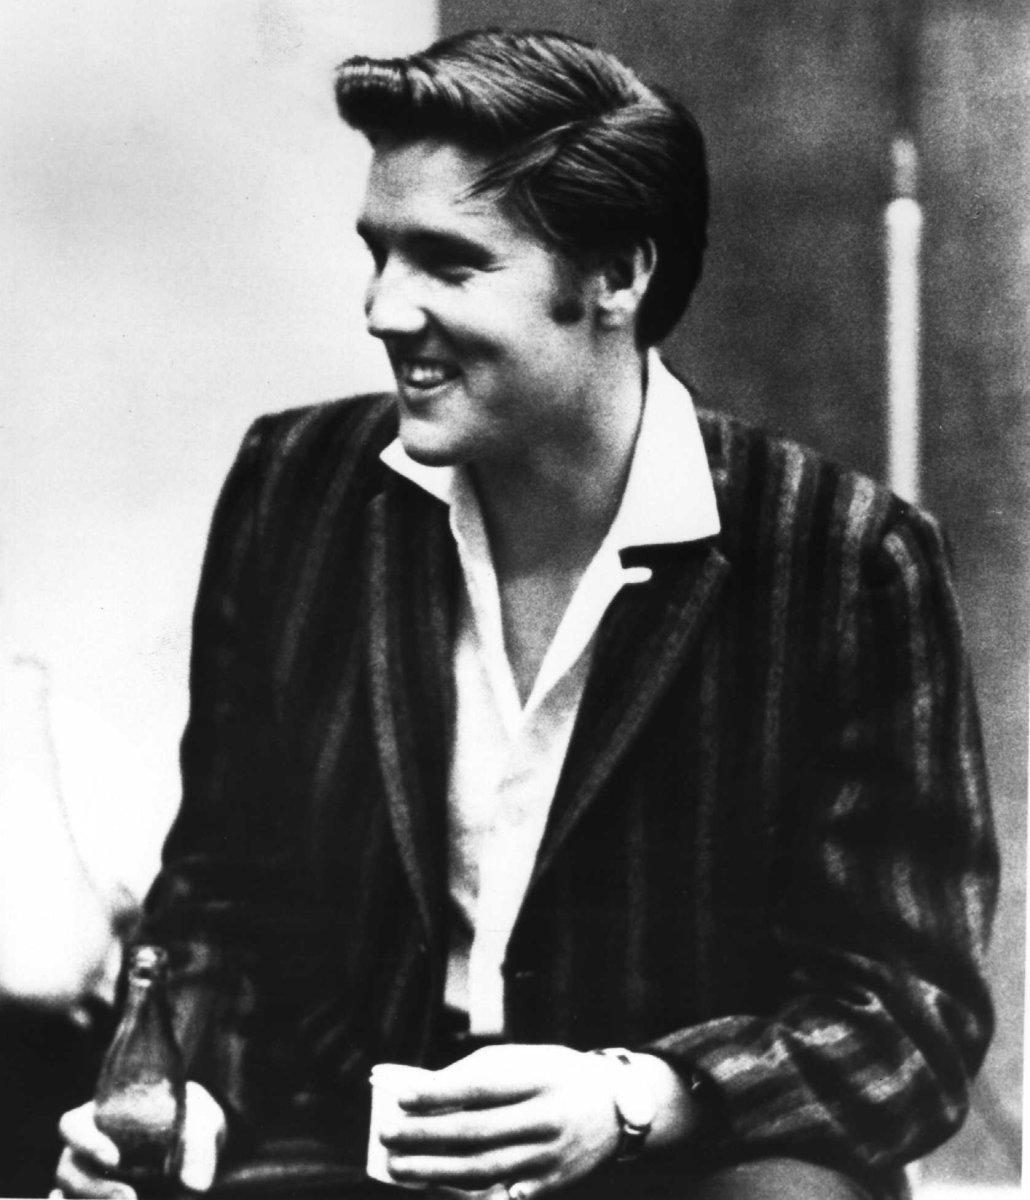 ELVIS RARE ORIGINAL 1977 CLOSE UP VELVET PAINTING ESTATE ...  |1977 Elvis Painting